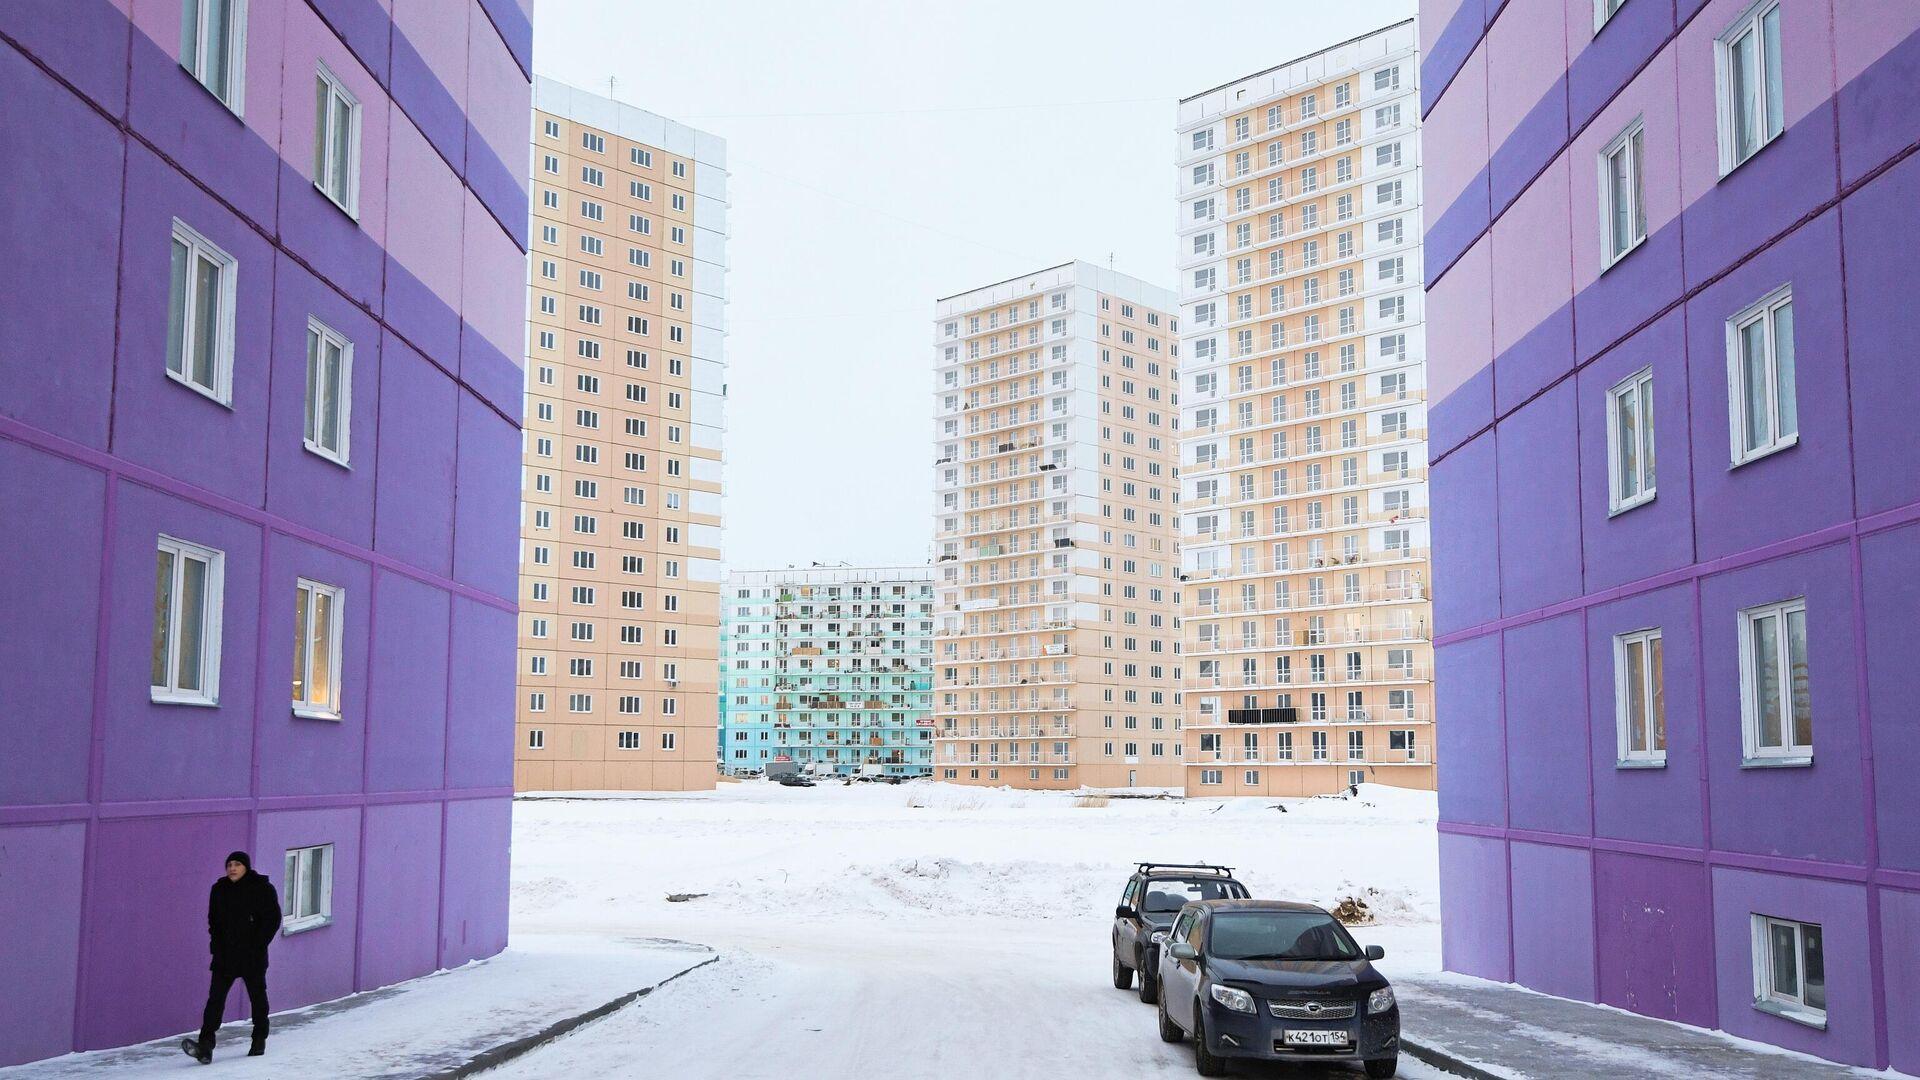 Многоэтажные панельные дома в строящемся жилом комплексе - РИА Новости, 1920, 14.01.2021